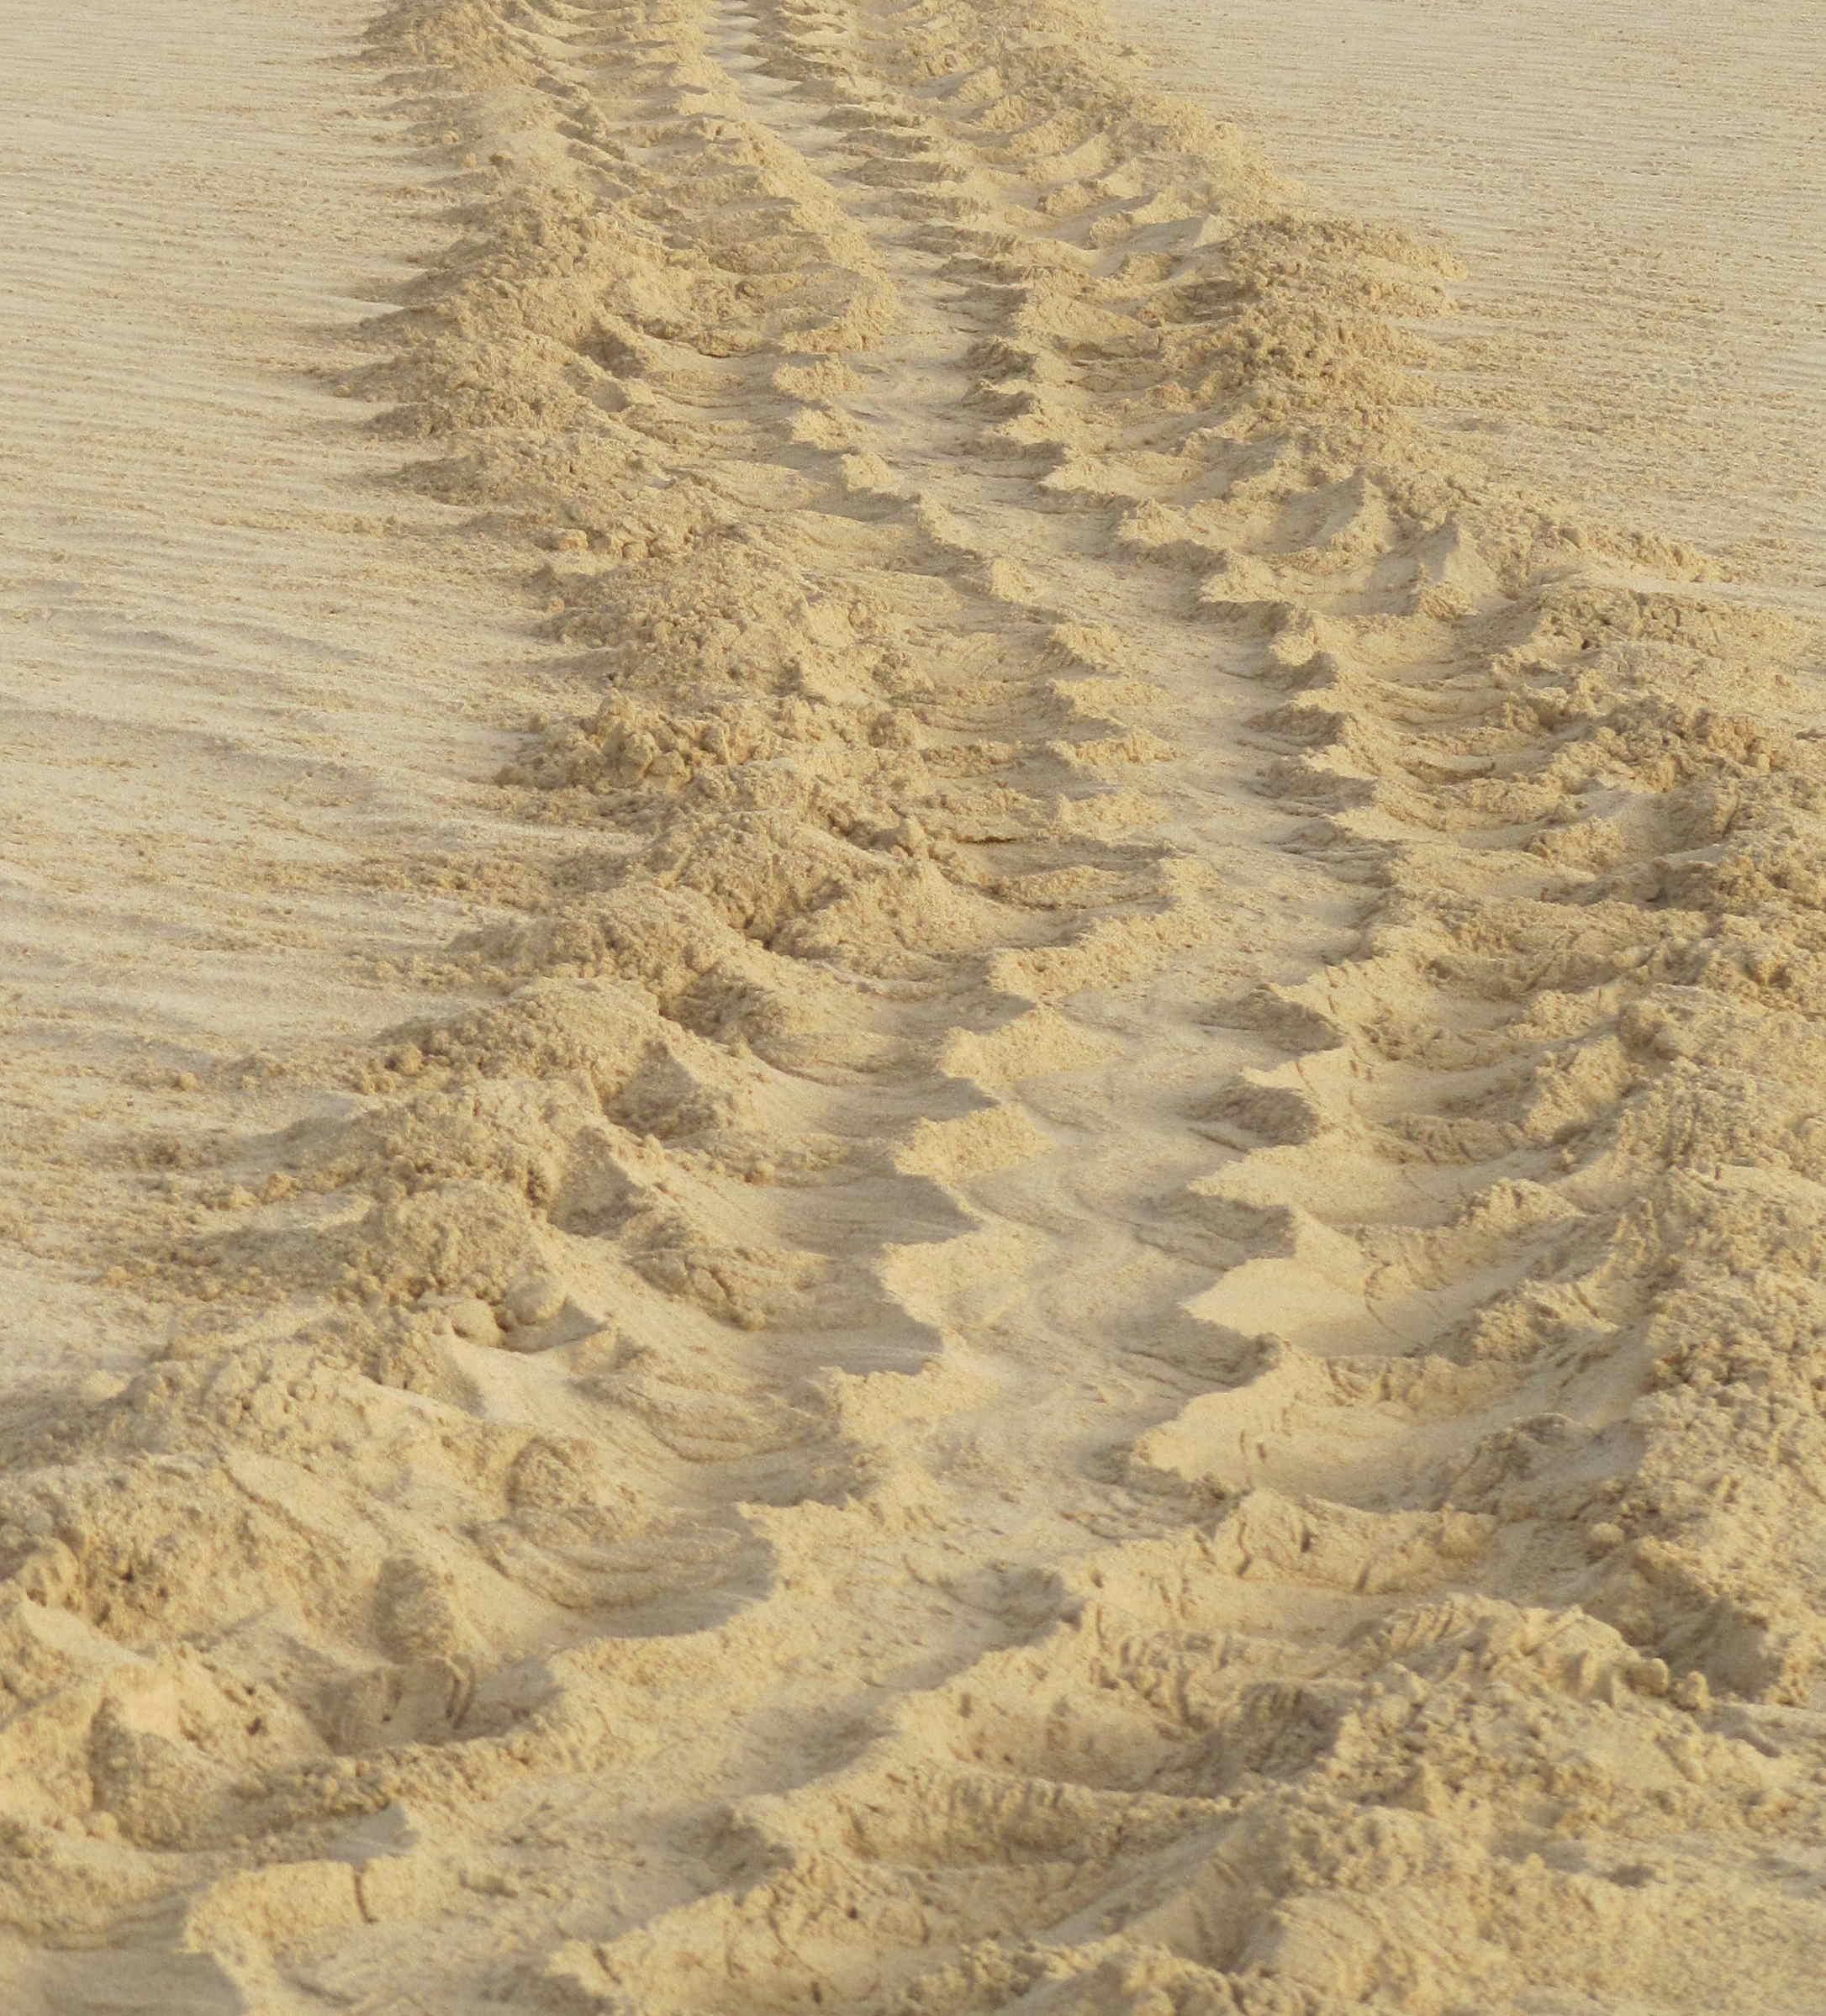 Rastro parcial de tortuga marina. Foto de archivo de la CARM